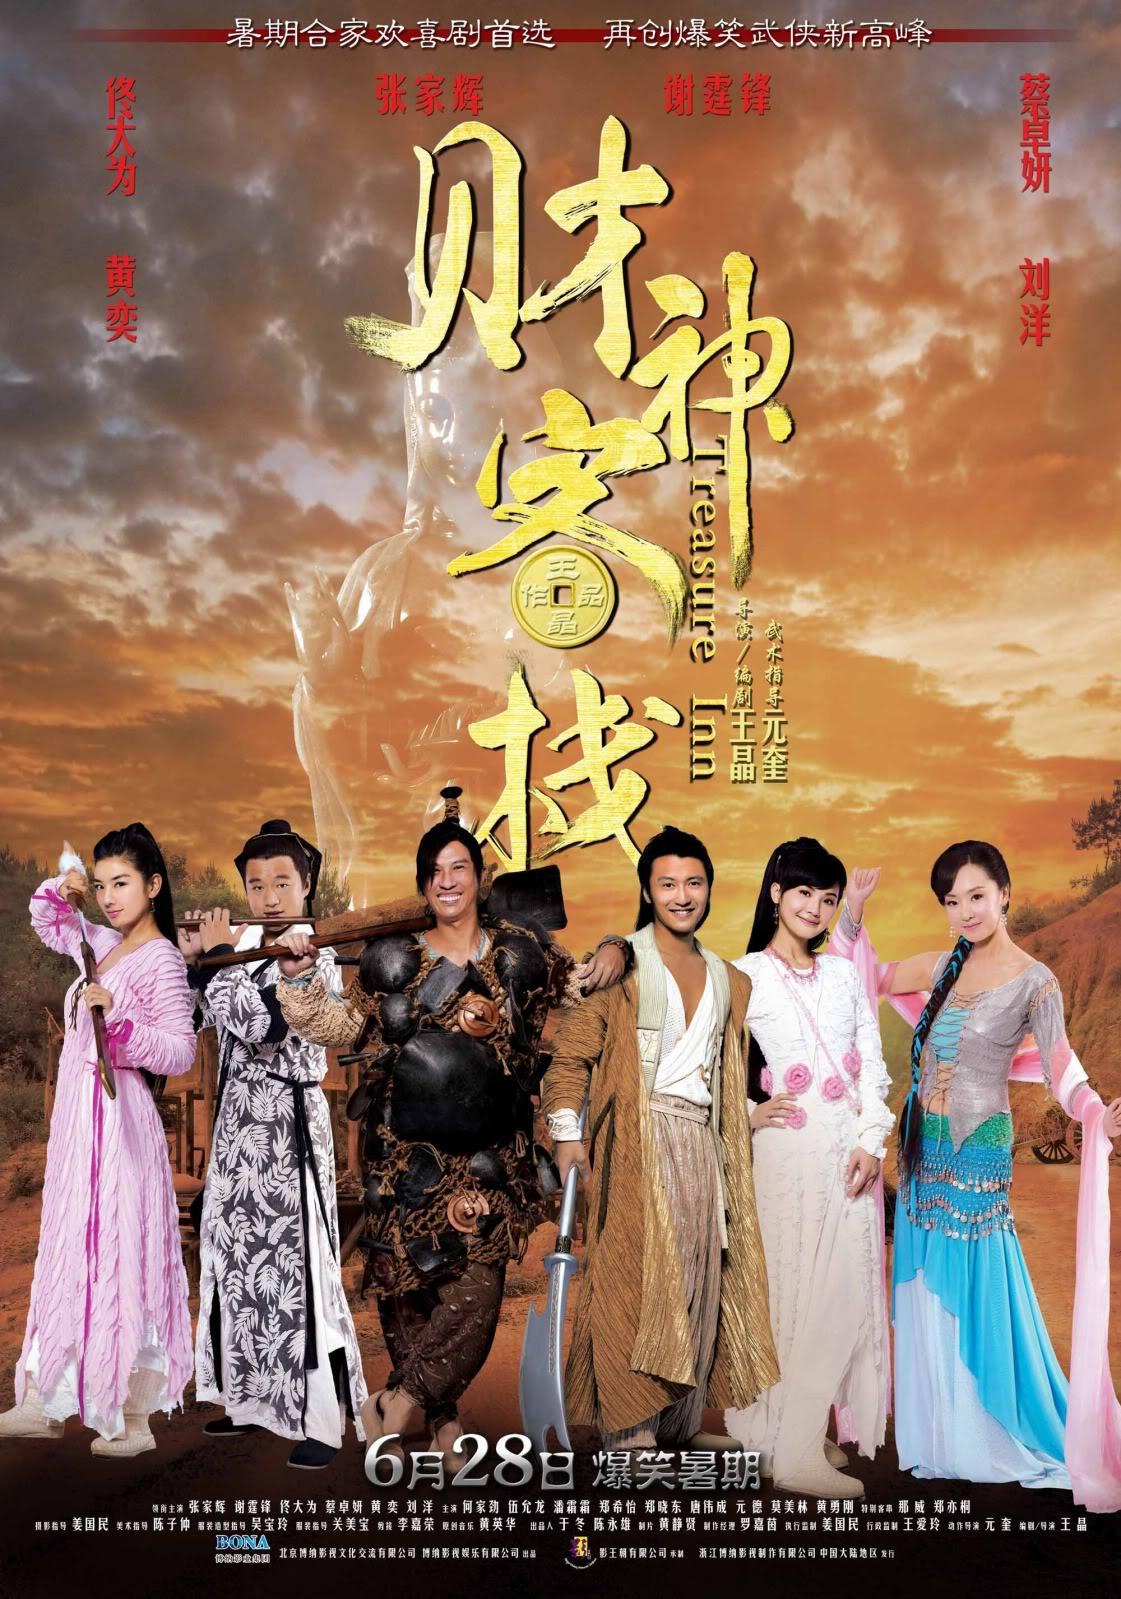 [Image] Poster Khách Sạn Thần Tài Inn02